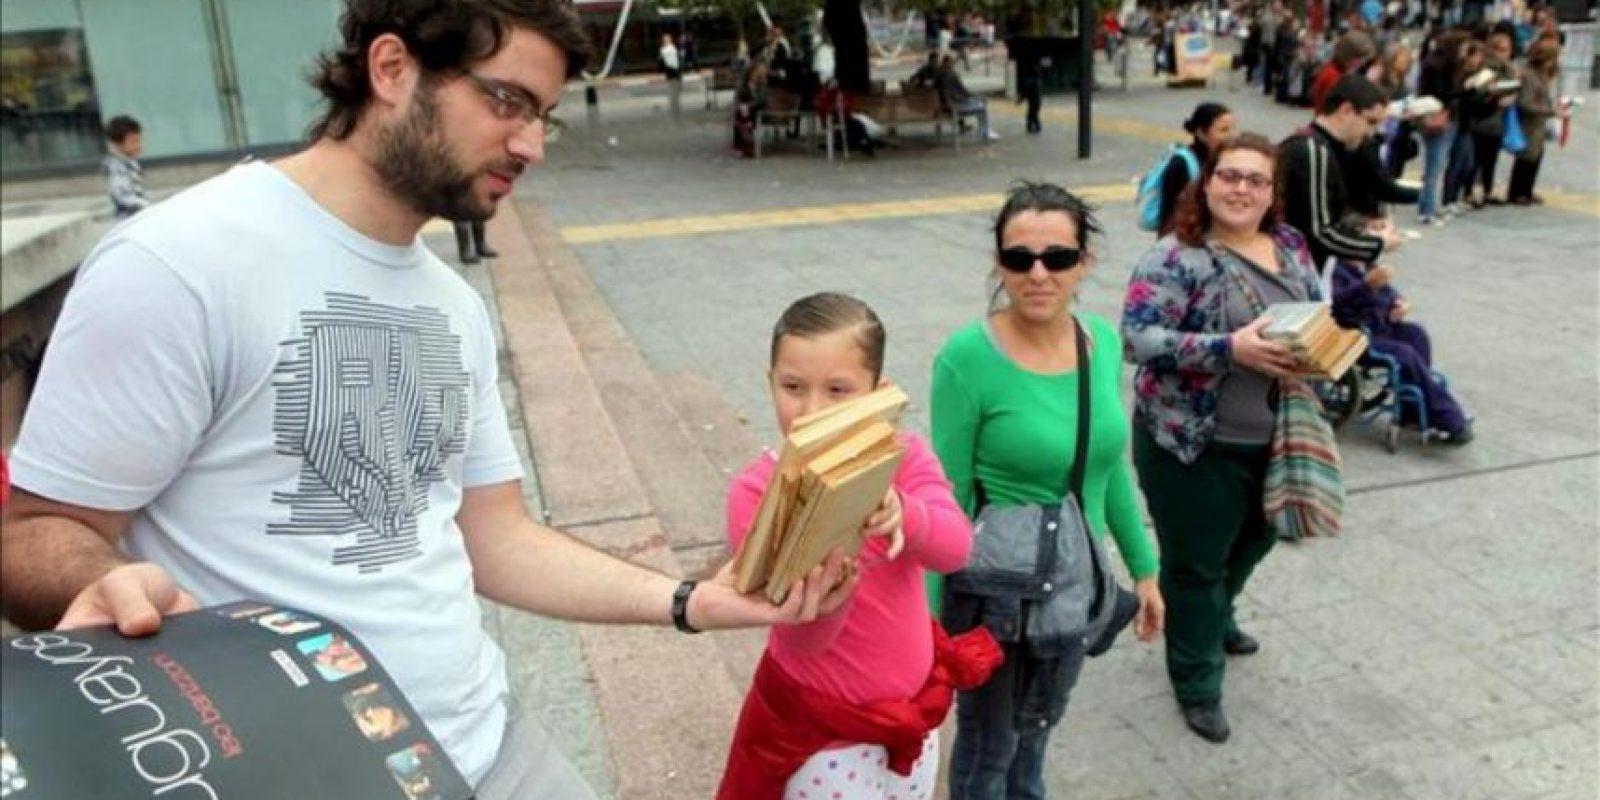 Decenas de personas participan de una cadena humana solidaria con libros entre la Plaza Libertad y la Explanada de la Intendencia de Montevideo (Uruguay), con motivo del Día Internacional del Libro y de la décimo segunda Feria del Libro Infantil y Juvenil del Uruguay. EFE